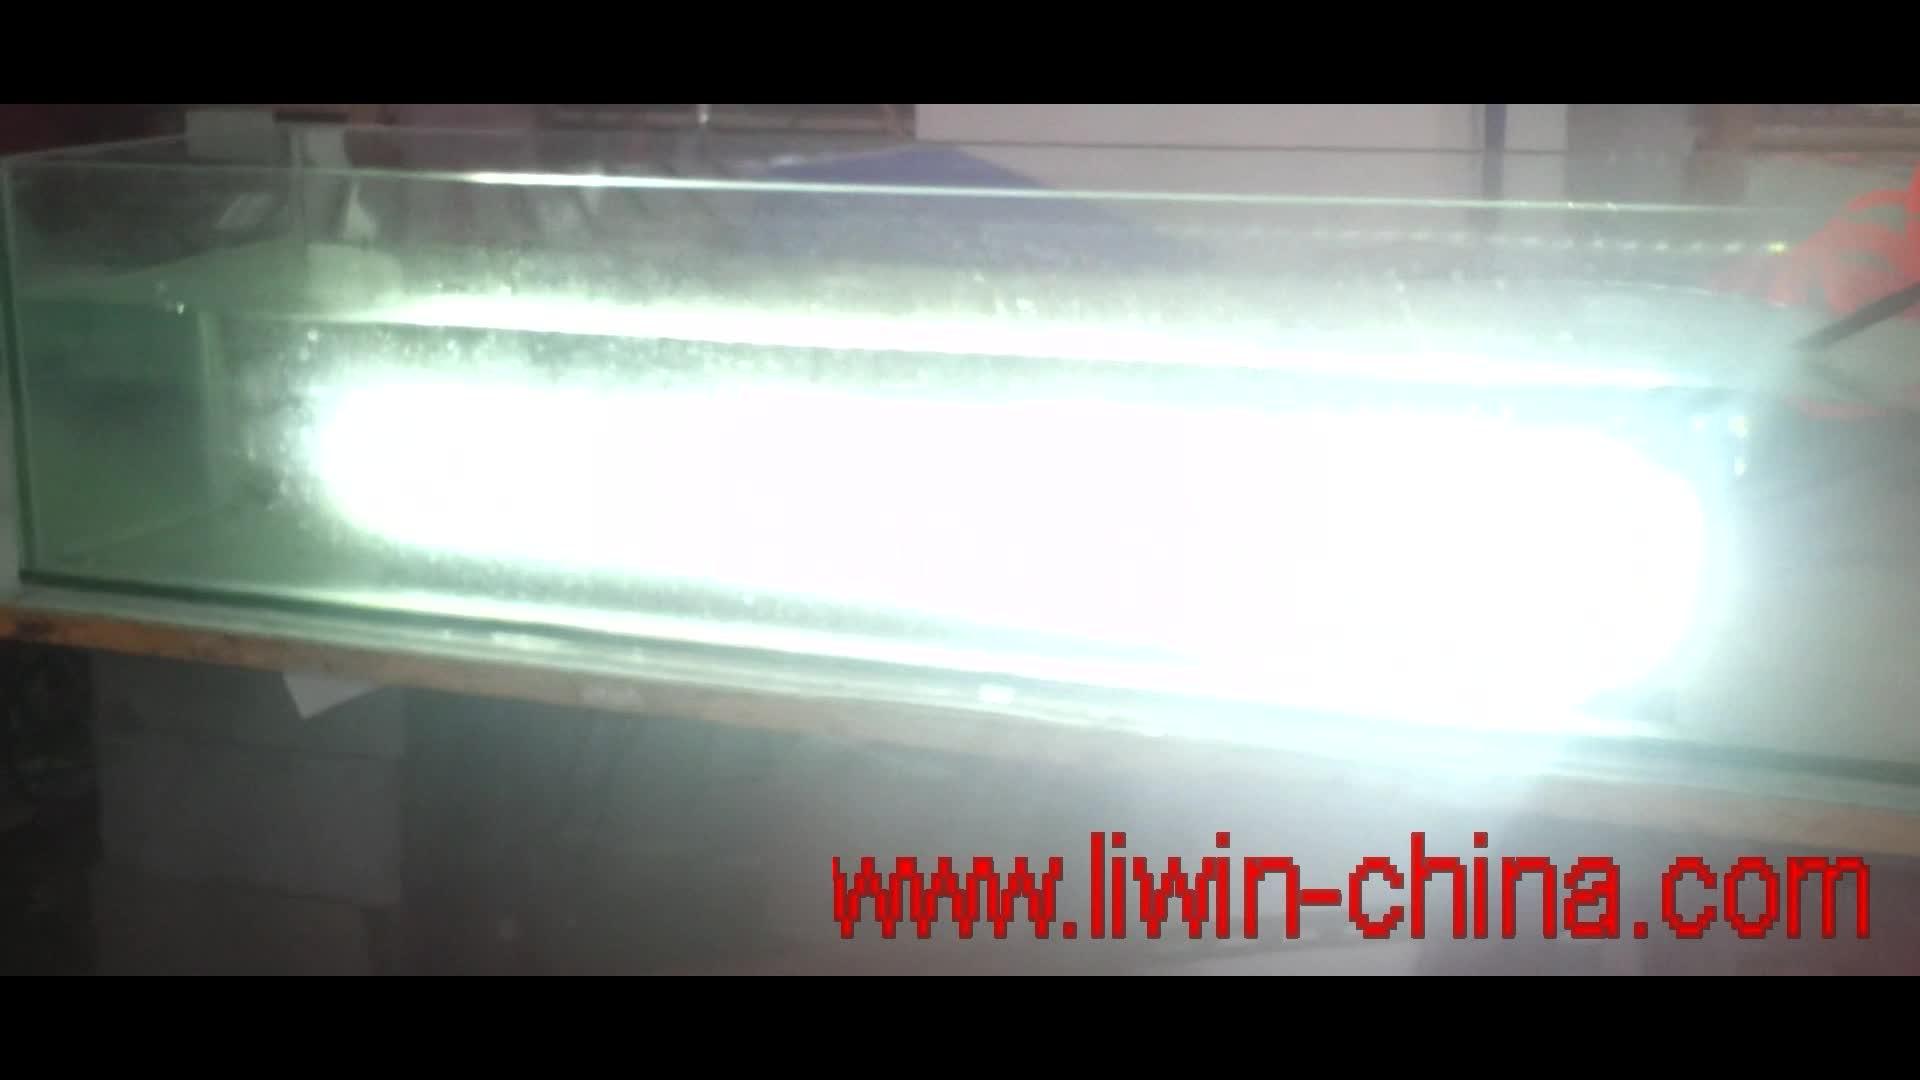 Liwiny gehäuse led licht bar 5000k 16.7 zoll led bernstein warnlichtbalken 96w led auto bar licht bernstein weiße led licht bar